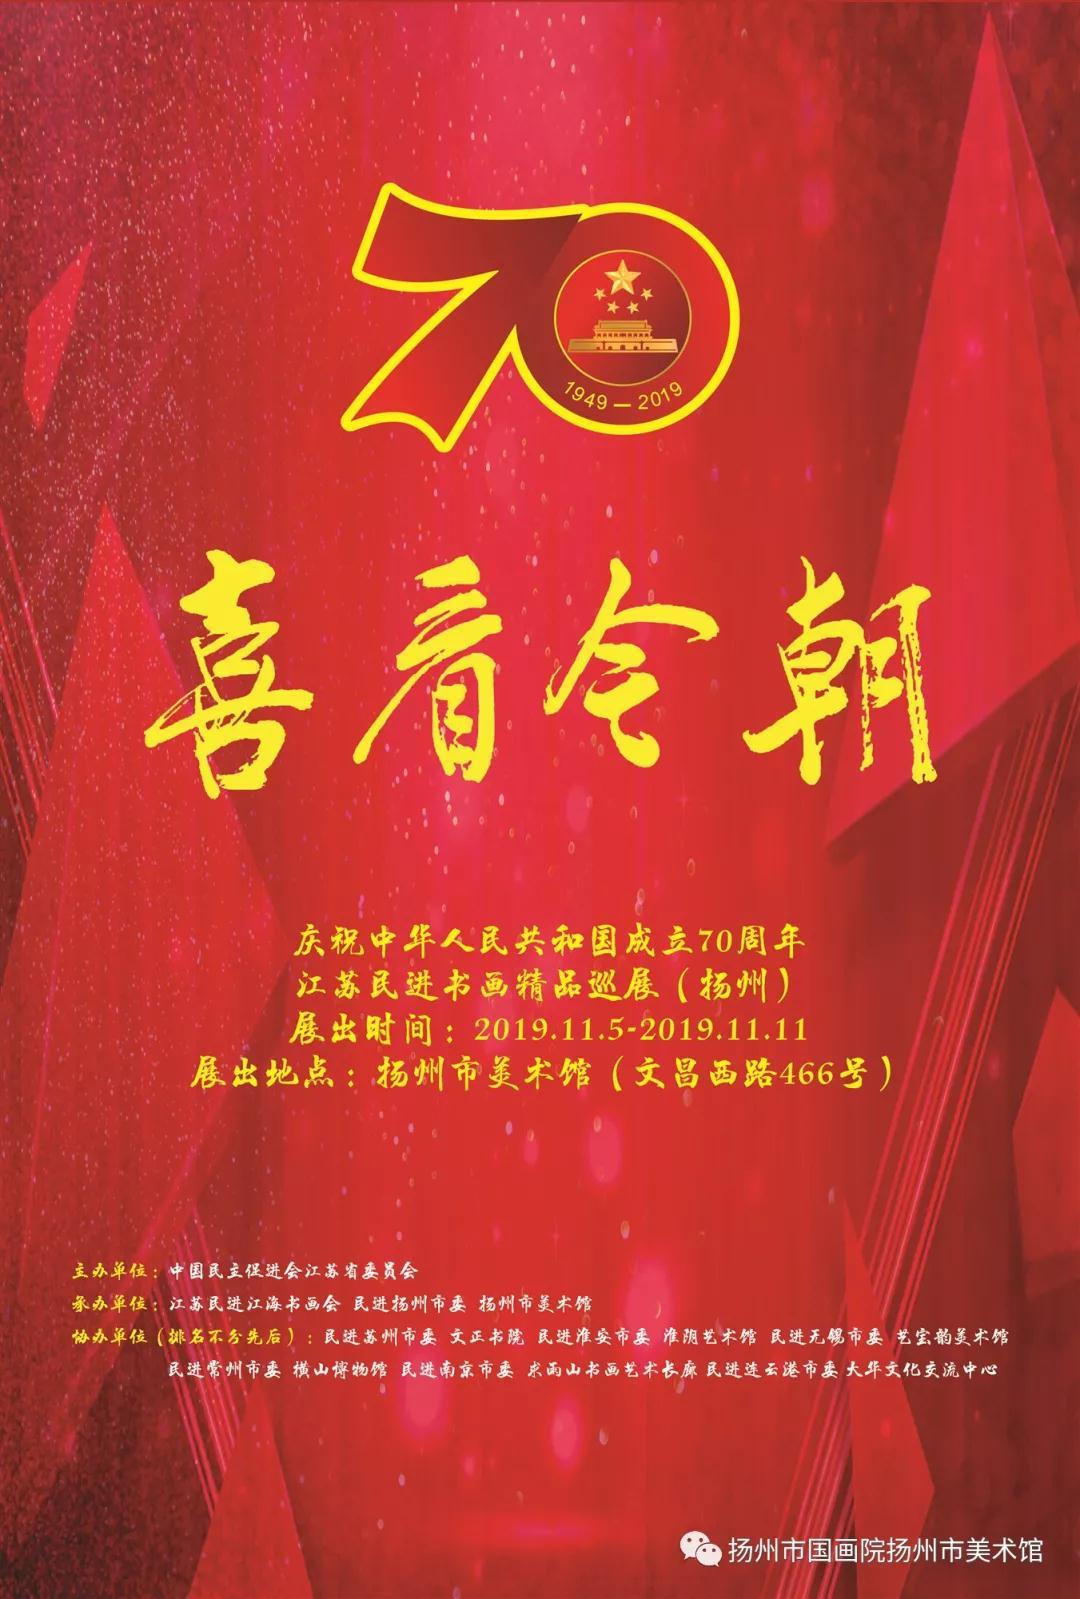 展讯:喜看今朝——庆祝中华人民共和国成立70周年江苏民进书画精品巡展(扬州)